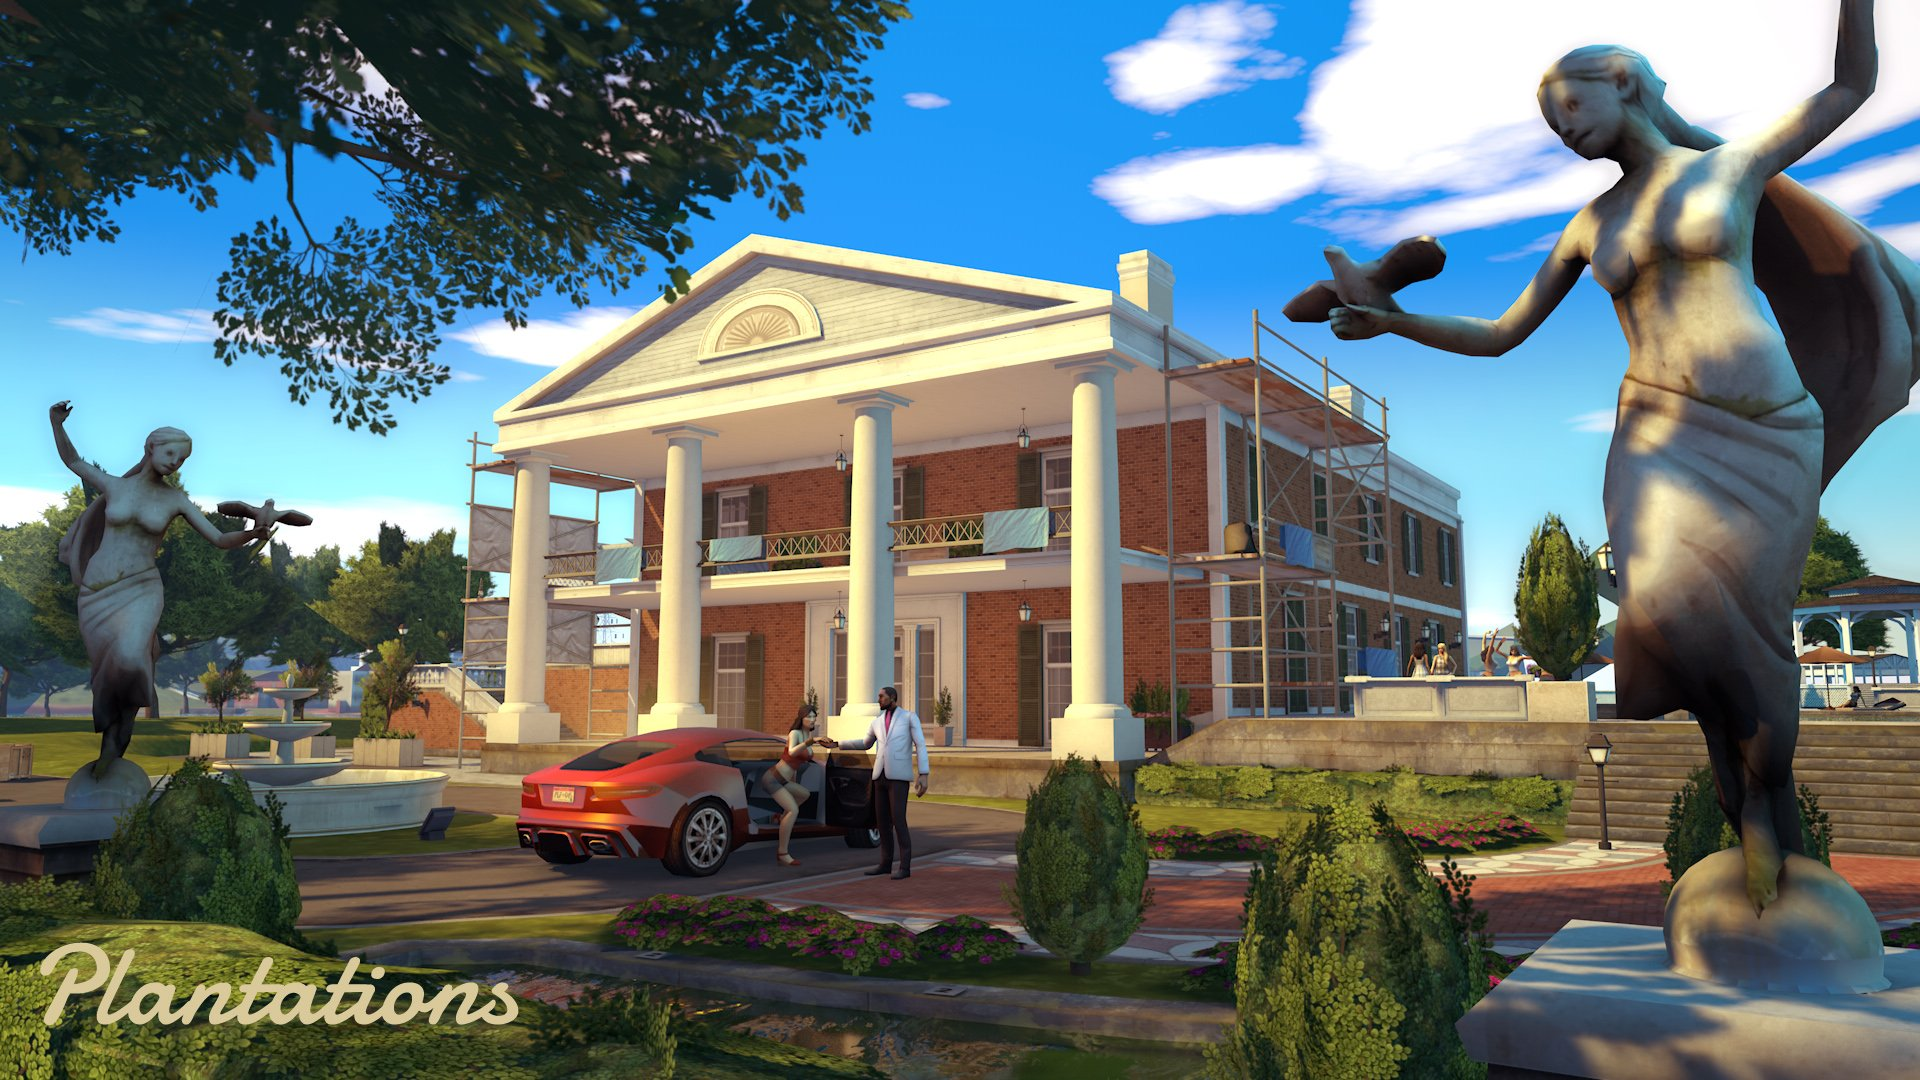 gangstar-new-orleans-novas-imagens-gameloft-1 Gangstar New Orleans: Twitter revela nova imagem do jogo da Gameloft